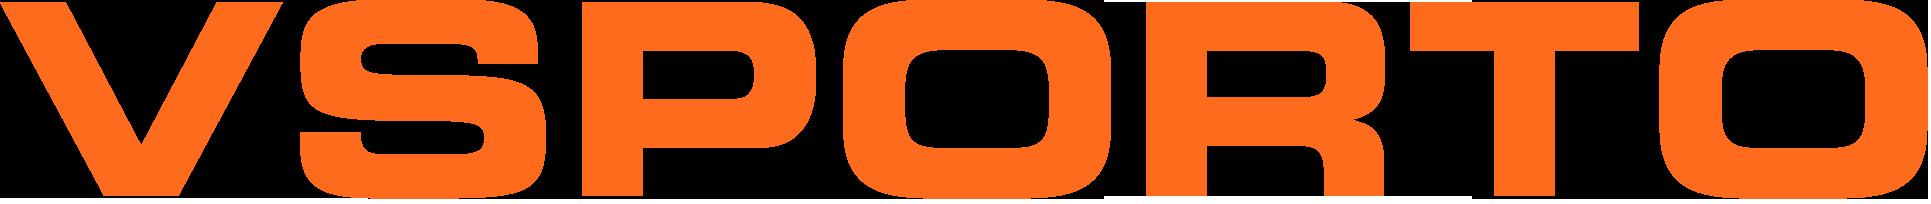 VSporto-Online-Sport-Radio